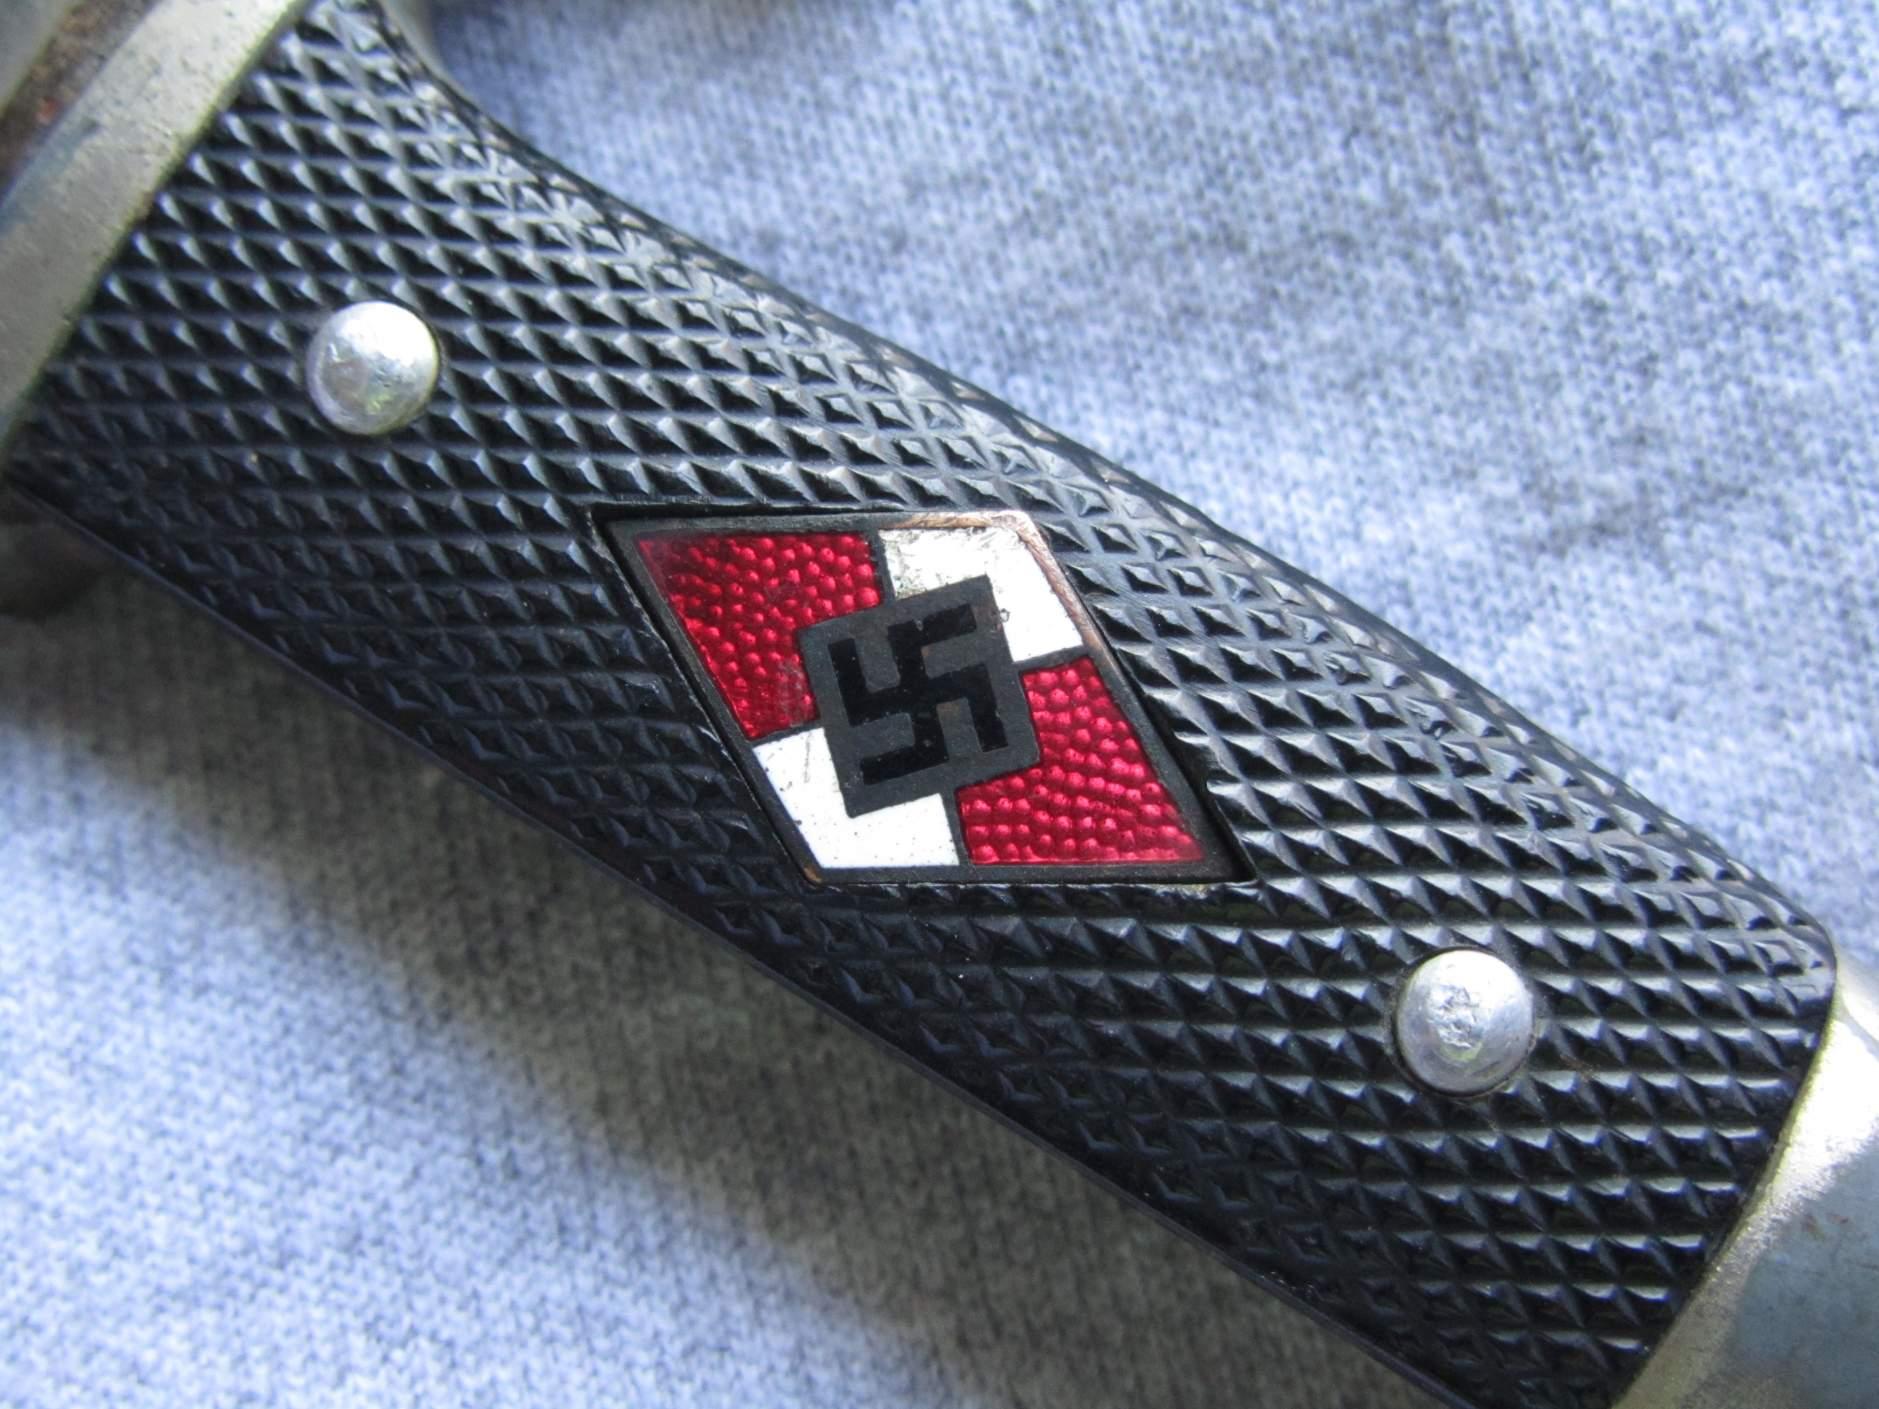 Rzm M7 2 1938 Emil Voos Waffenfabrik Hitler Youth Dagger